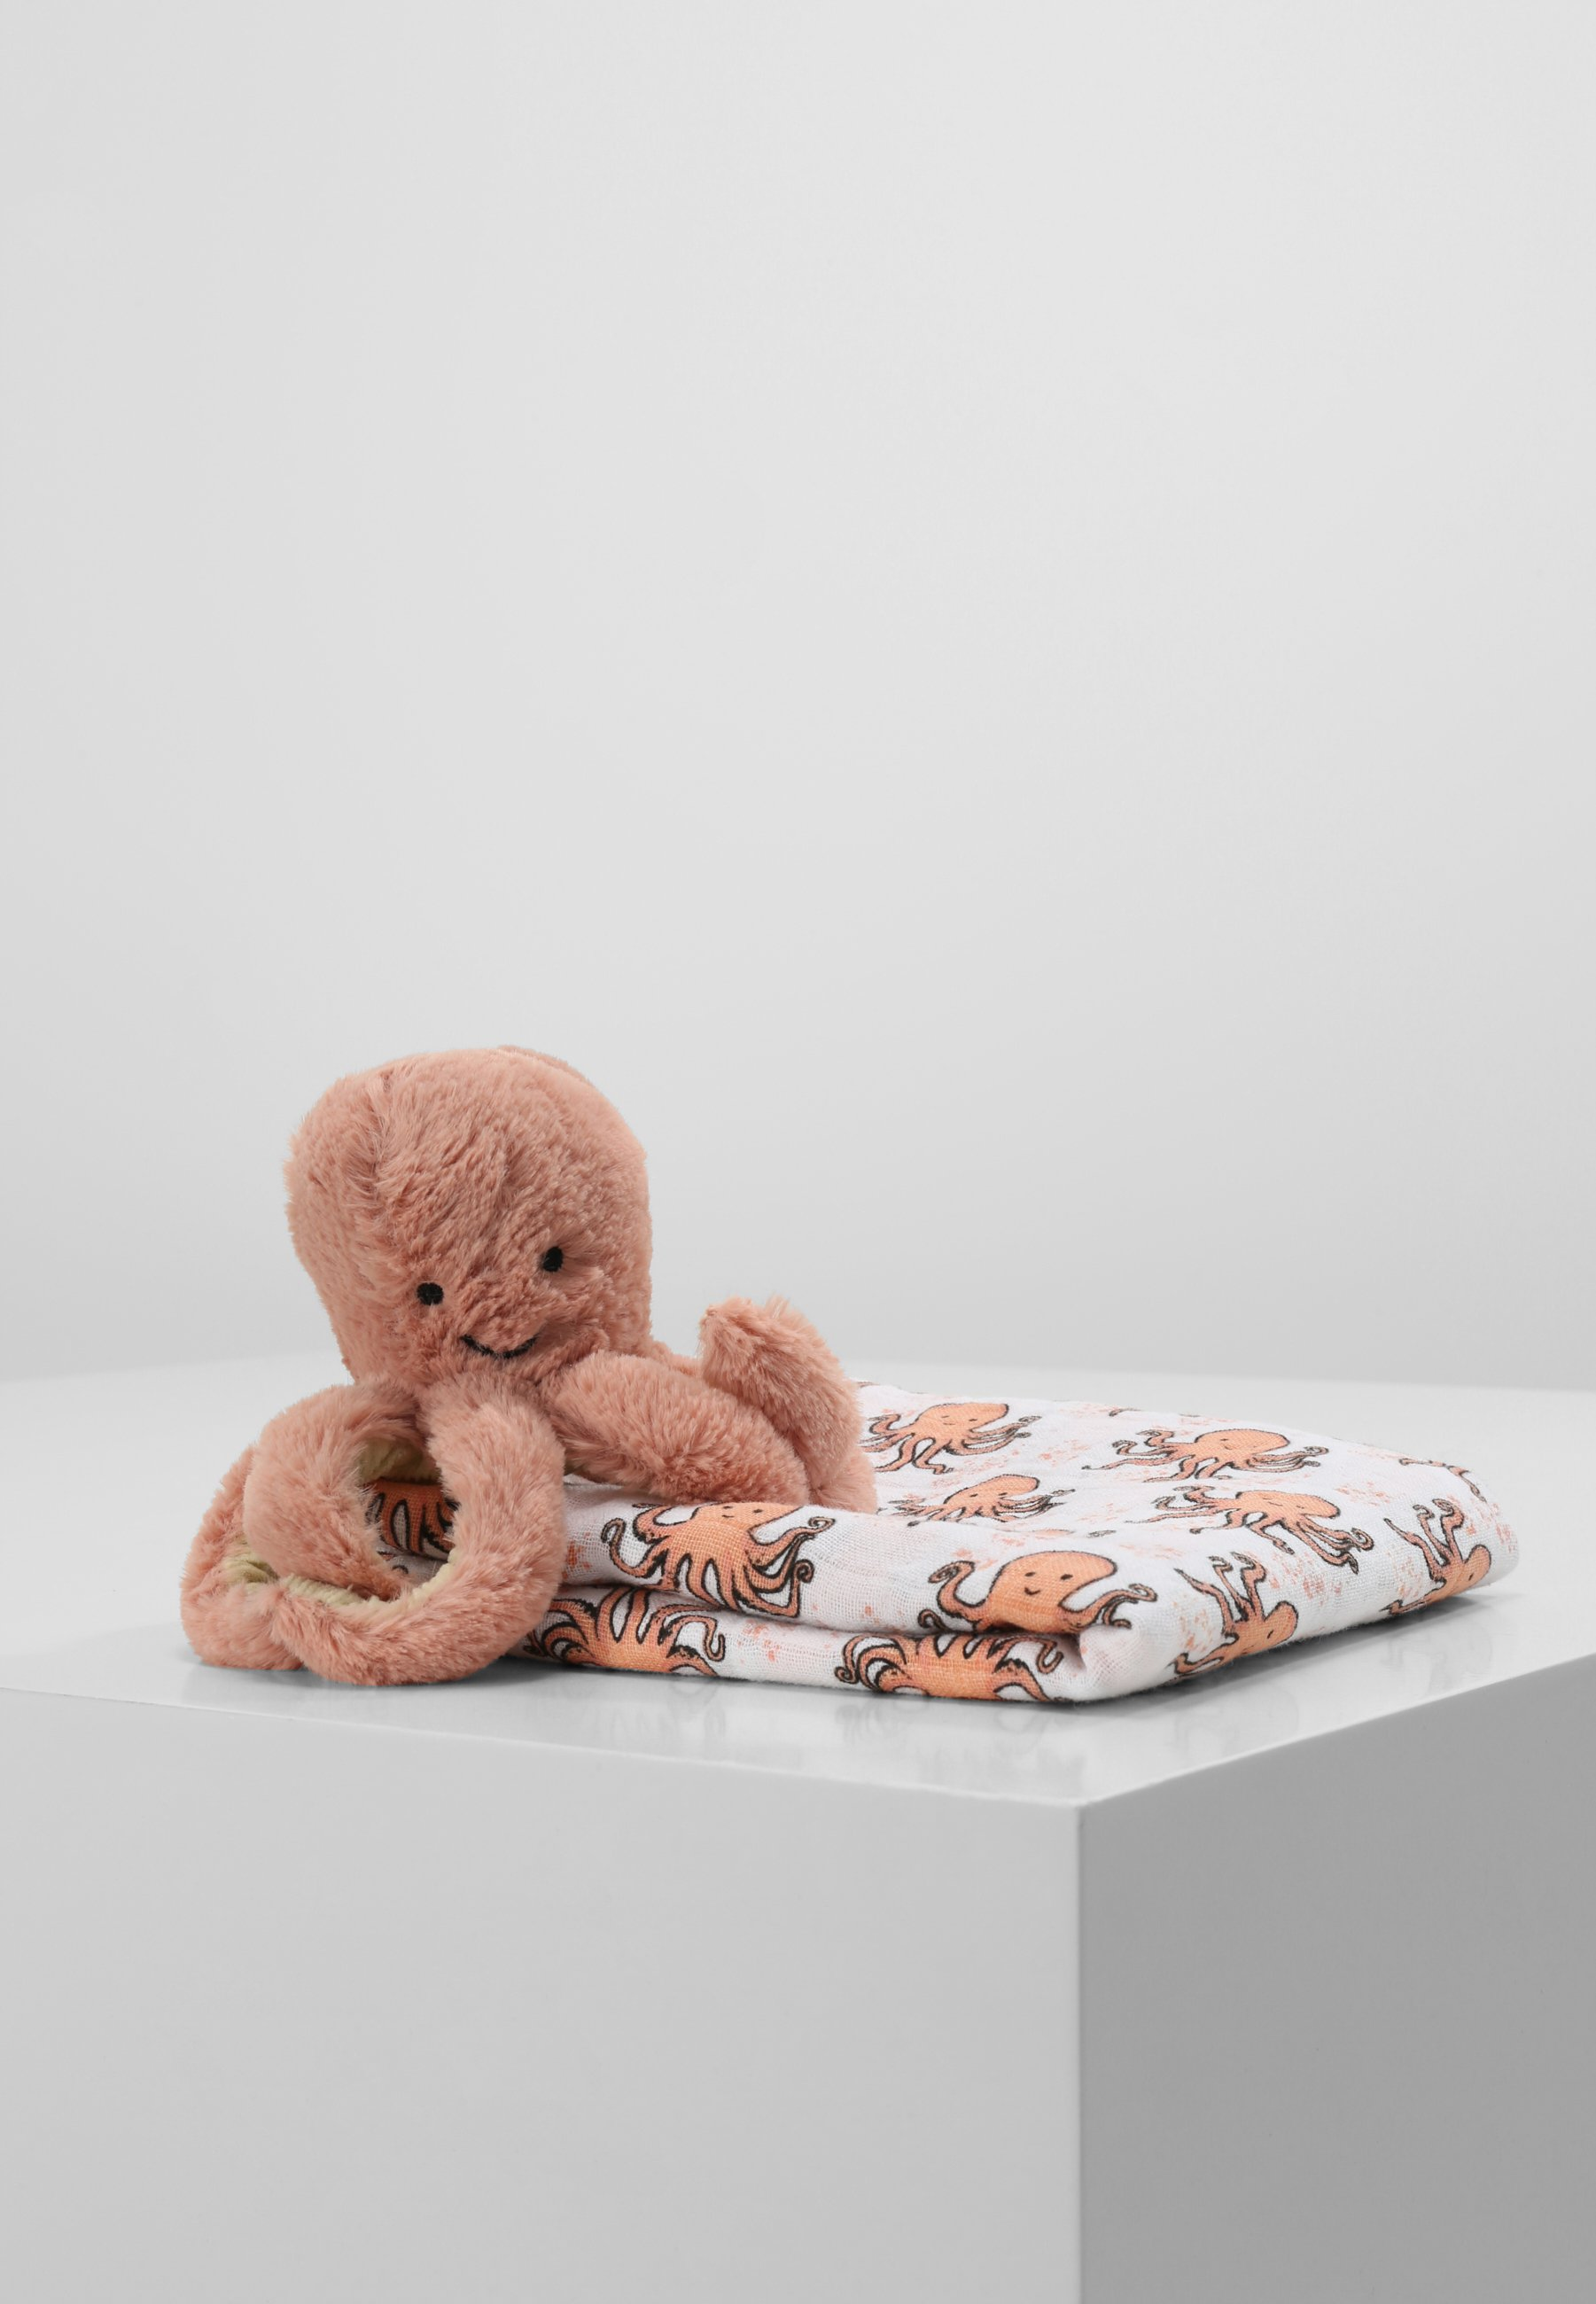 Kinder ODELL OCTOPUS GIFT SET - Geschenk zur Geburt